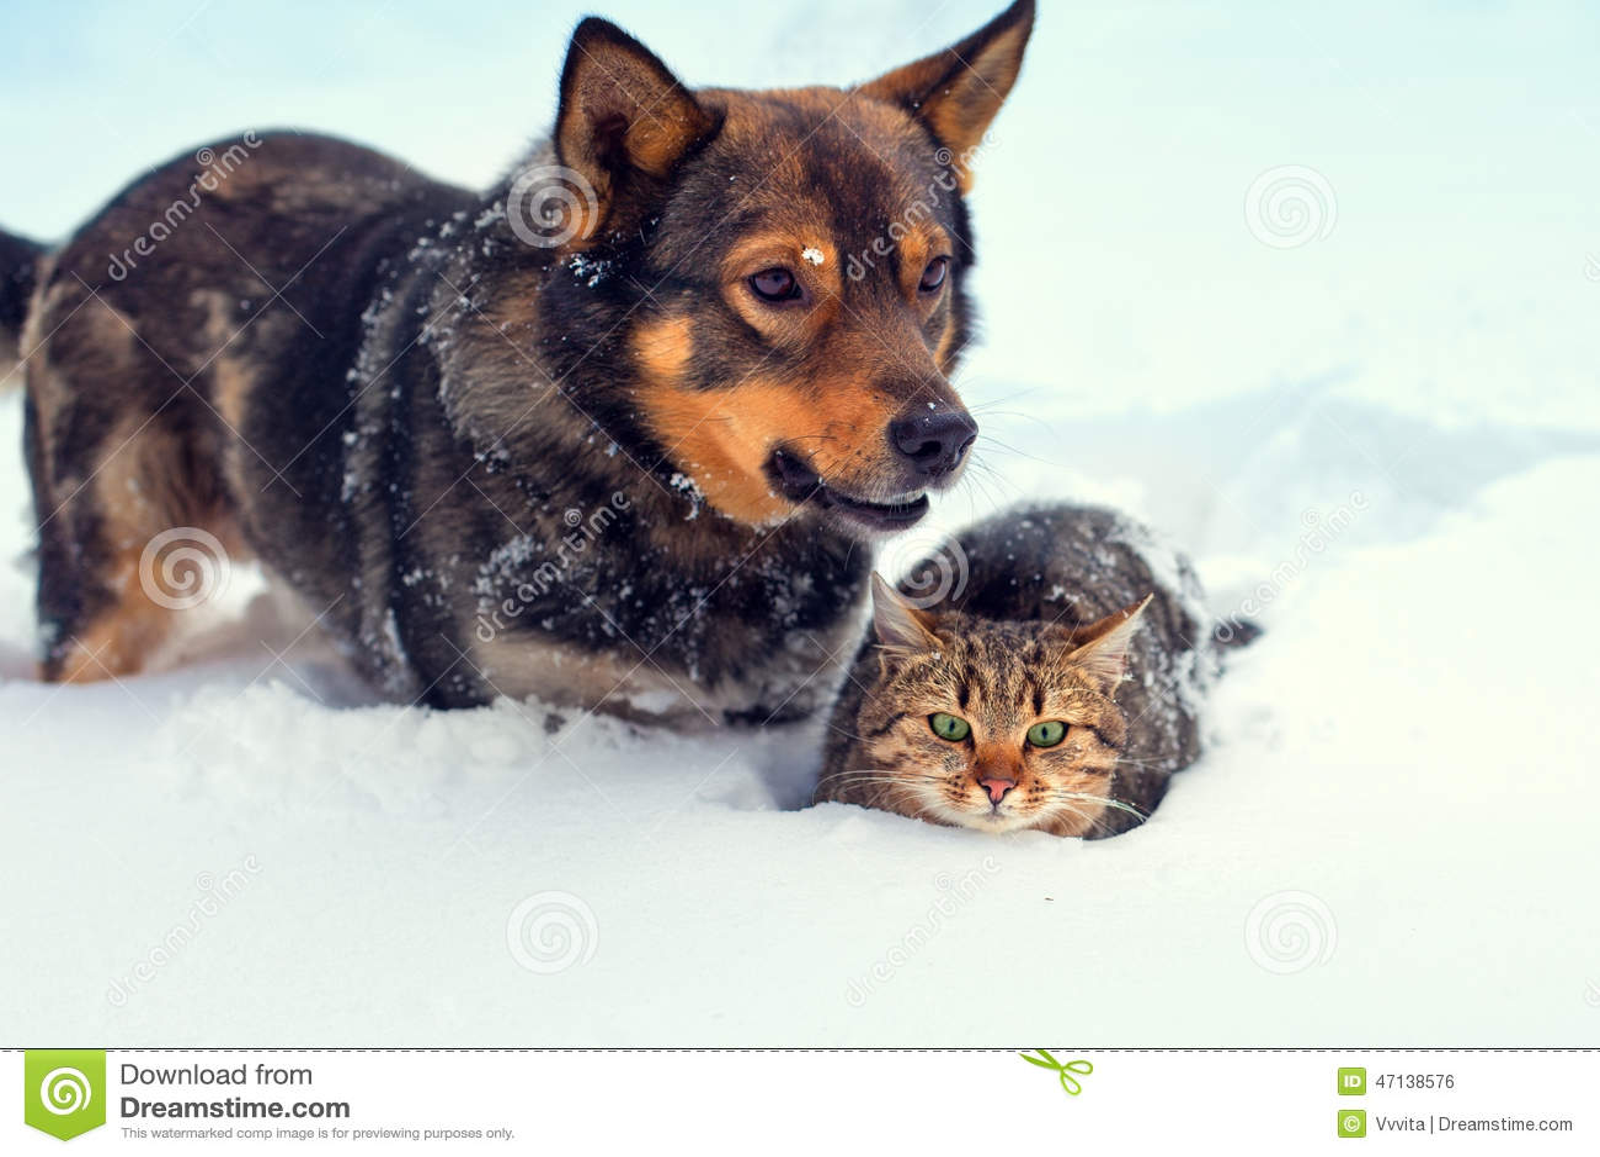 hund und katze im schnee stockfoto bild von garten kalt. Black Bedroom Furniture Sets. Home Design Ideas